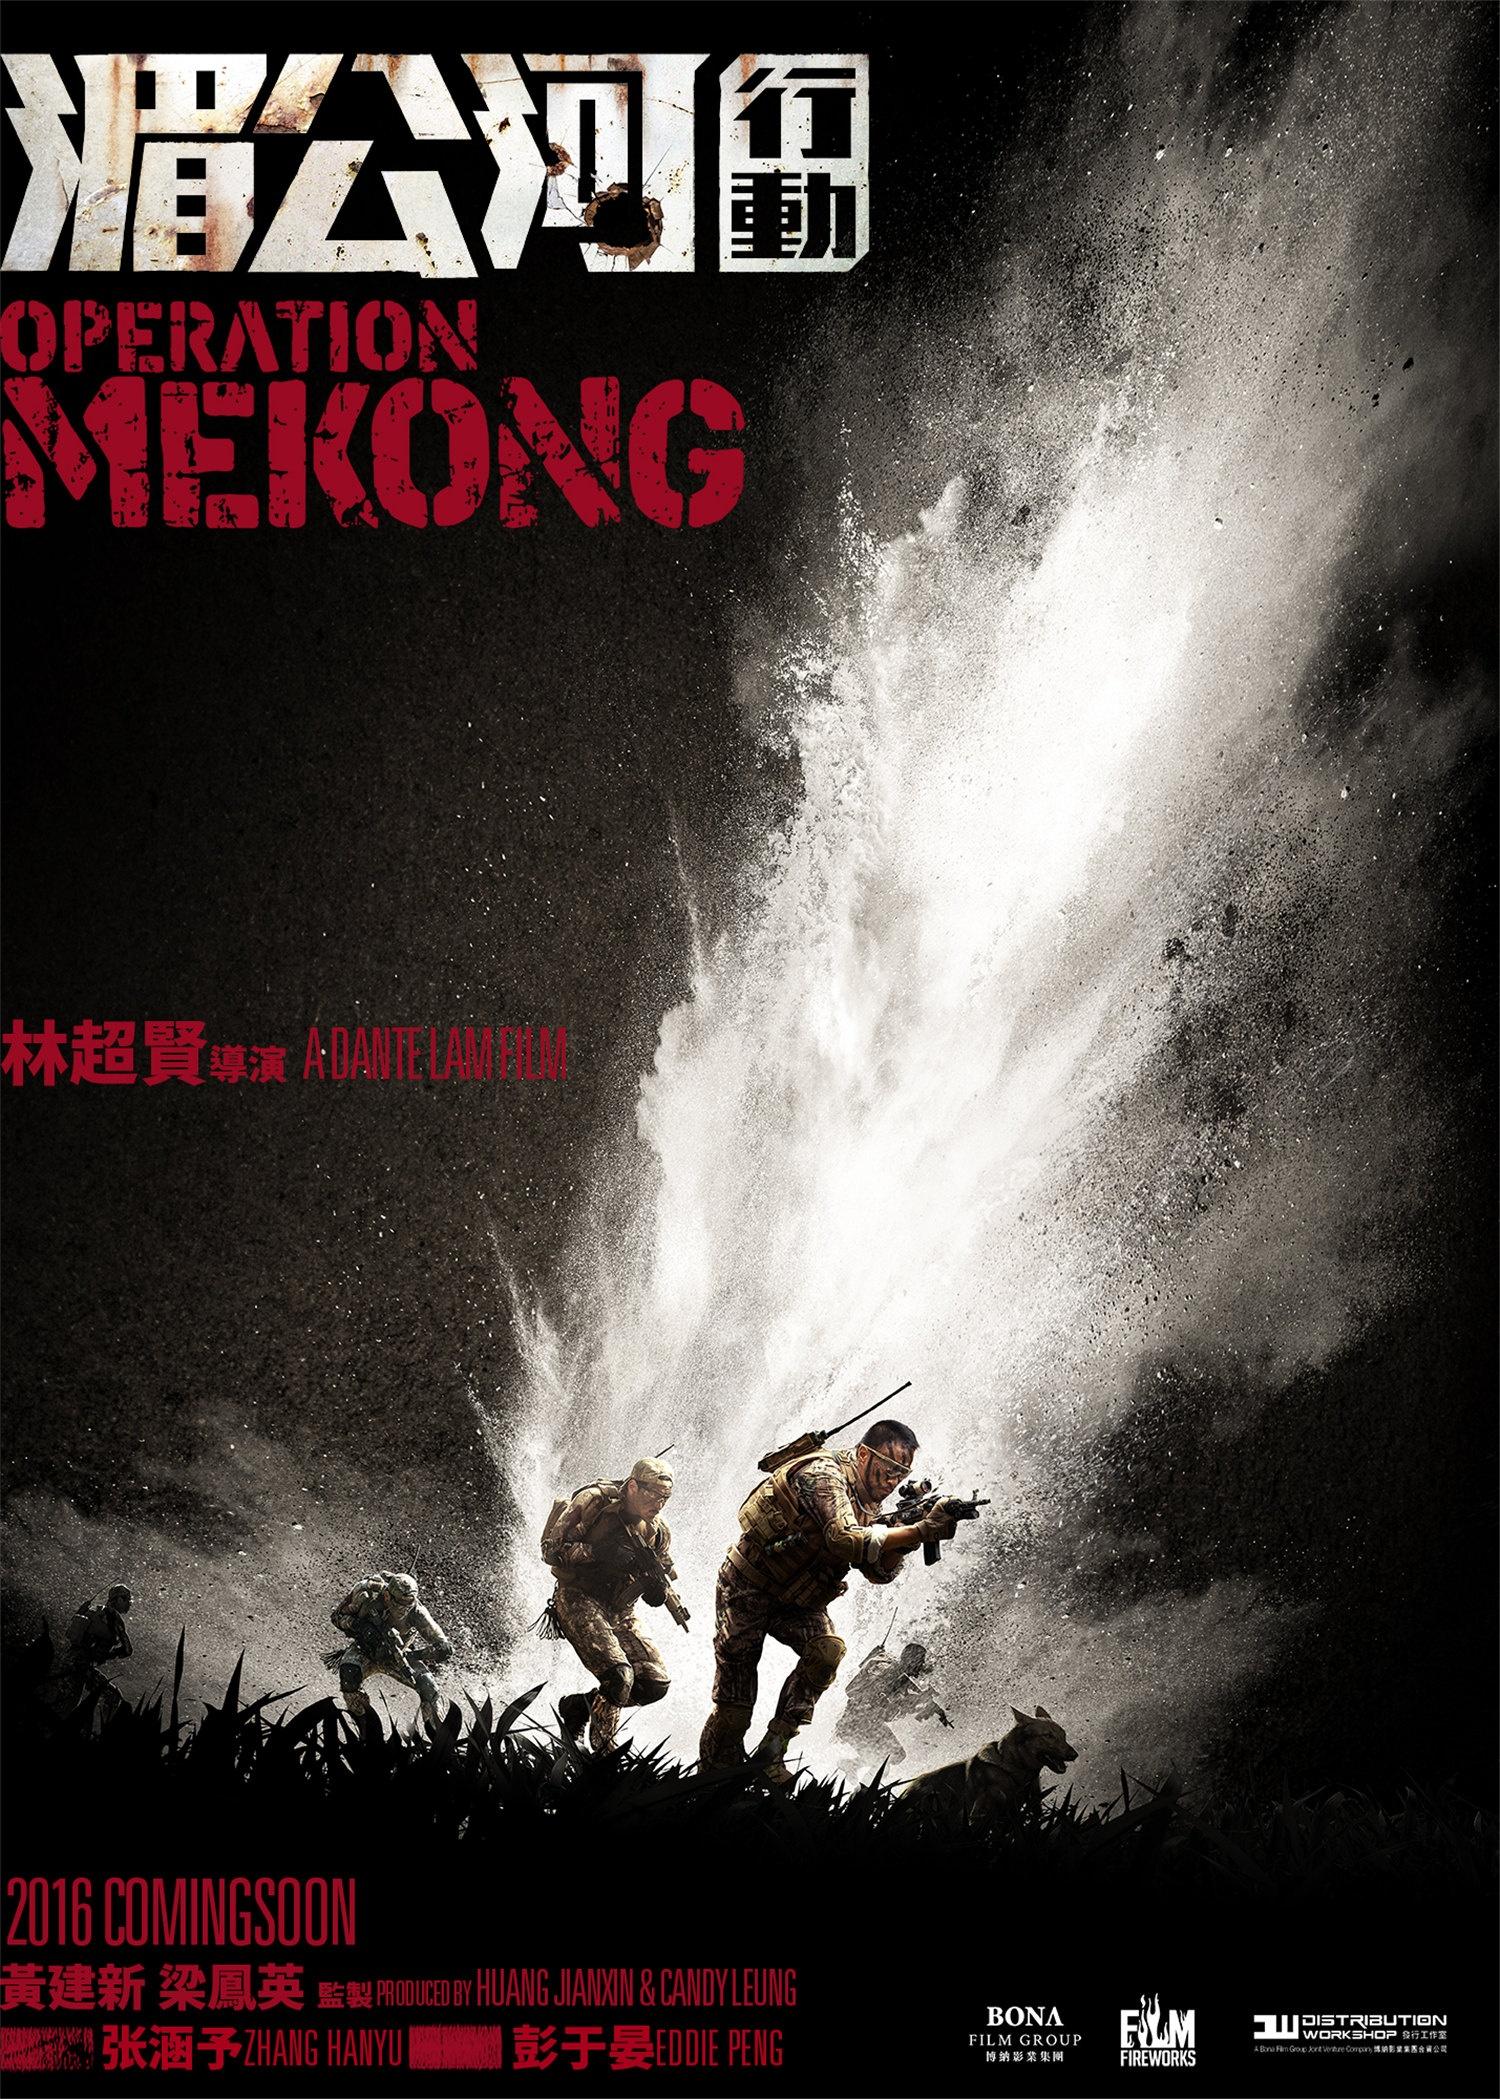 【湄公河行动】4K&1080P双版本 - 第1张  | Mr.Long